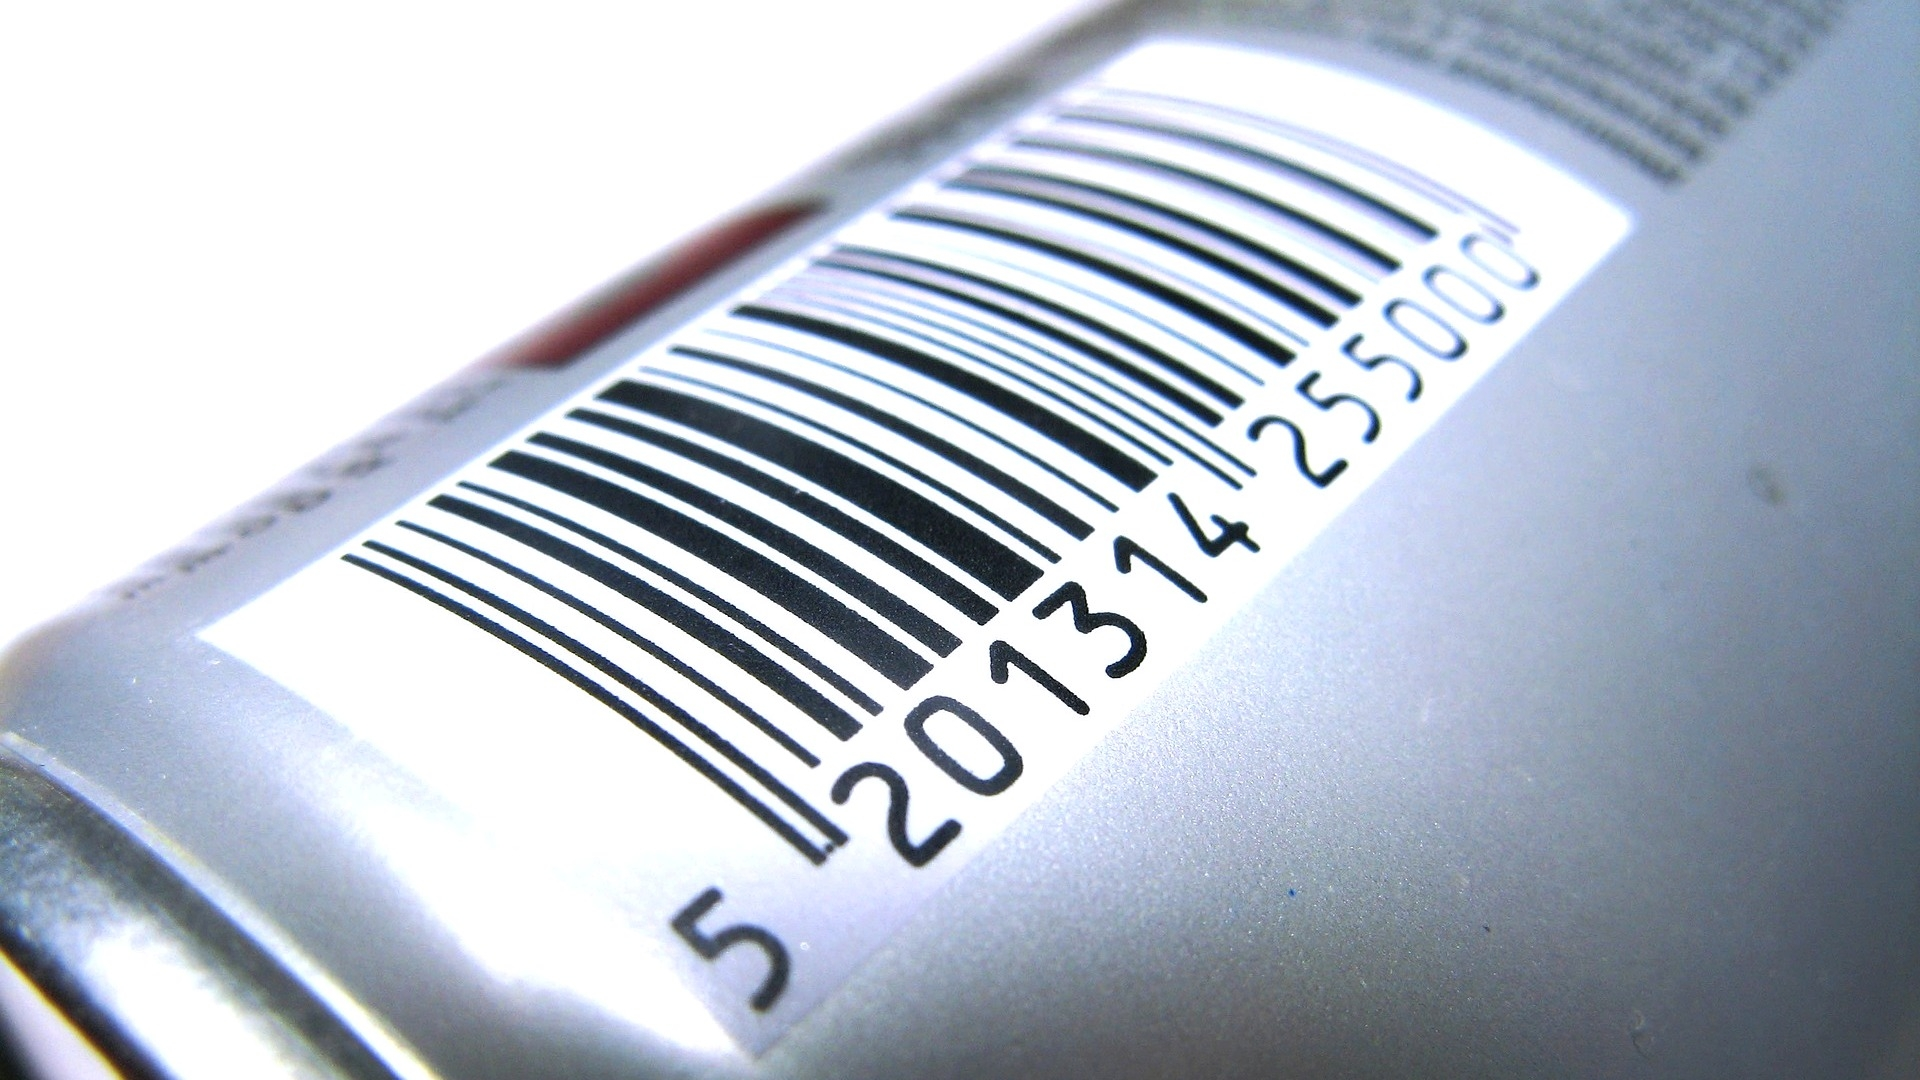 Código de Barras - Qual a utilidade e necessidade da utilização na sua empresa